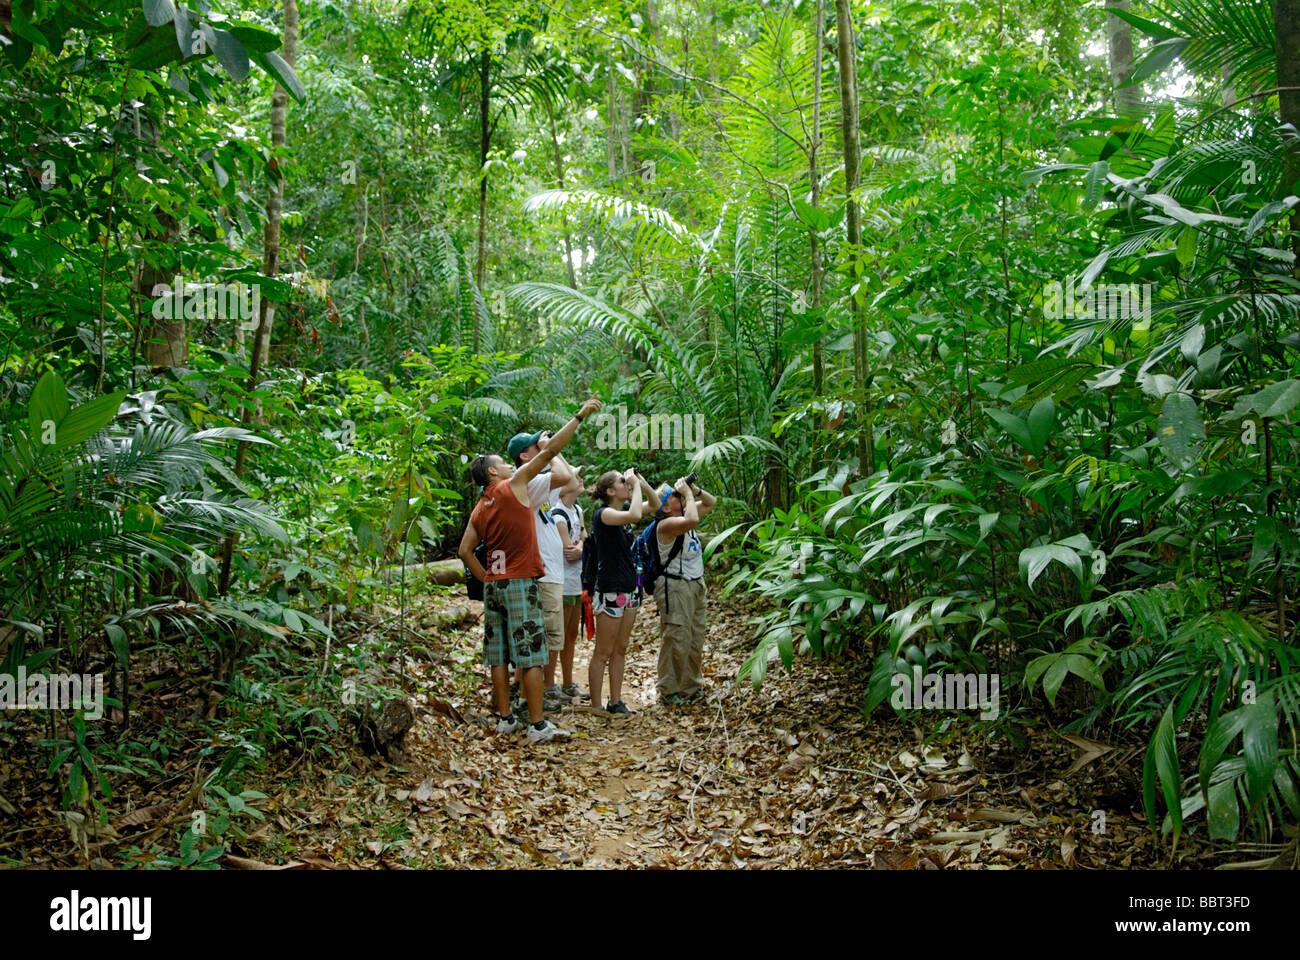 L'observation de la faune dans la forêt tropicale, le Costa Rica, l'écotourisme avec un guide naturaliste local Banque D'Images